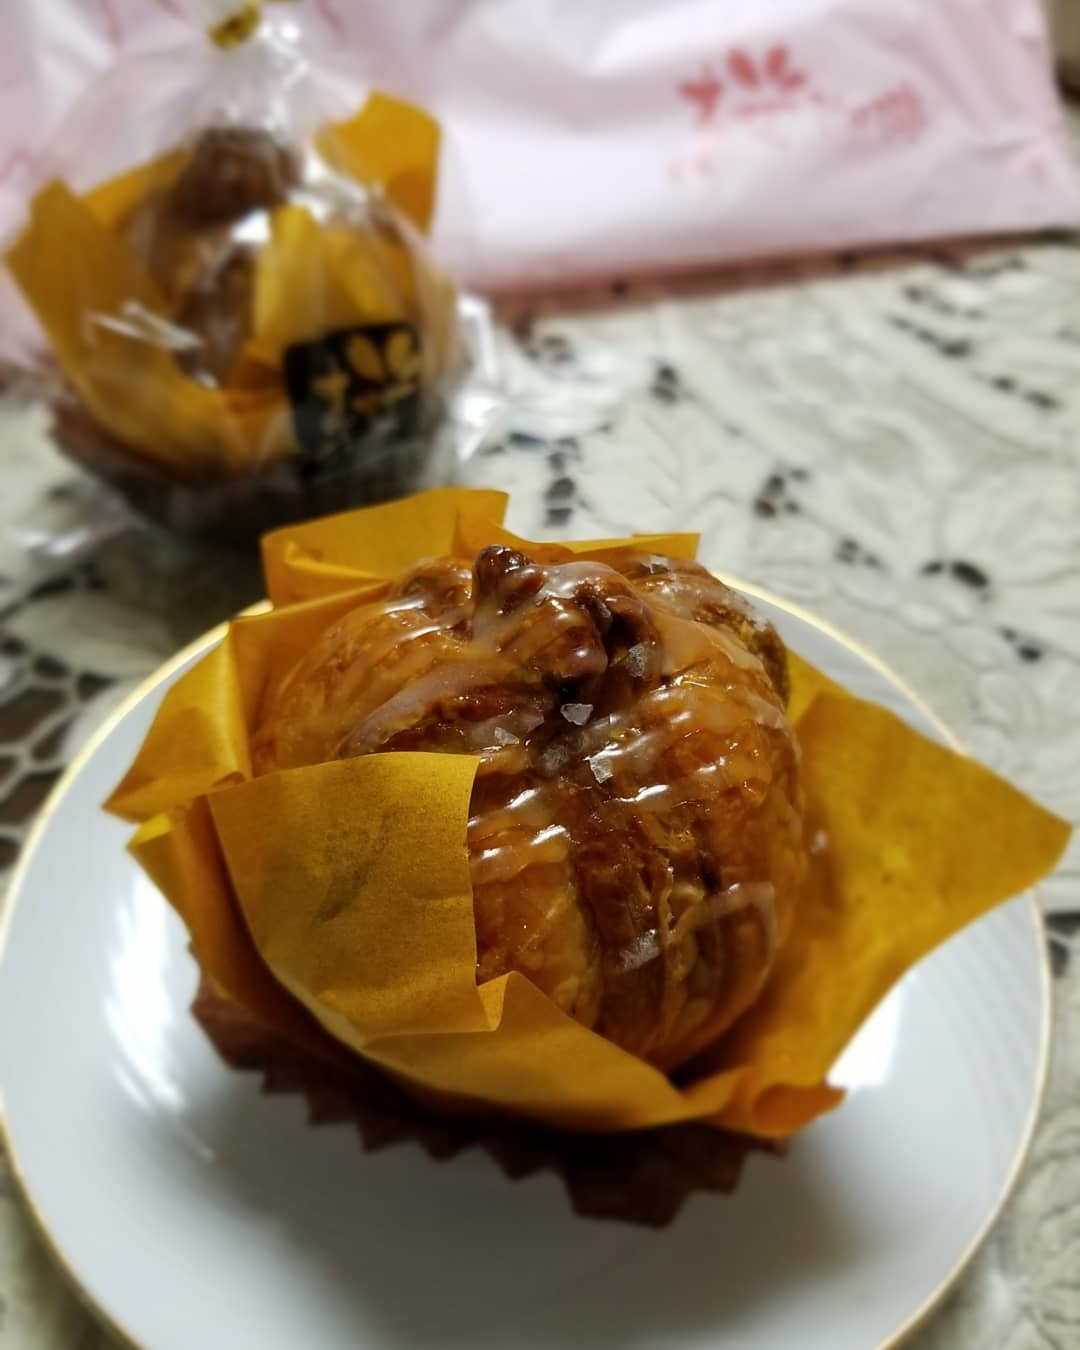 桜珈琲 SAKURA COFFEE * ケーキセットと秋限定のまろんパイ♪_f0236260_21474409.jpg